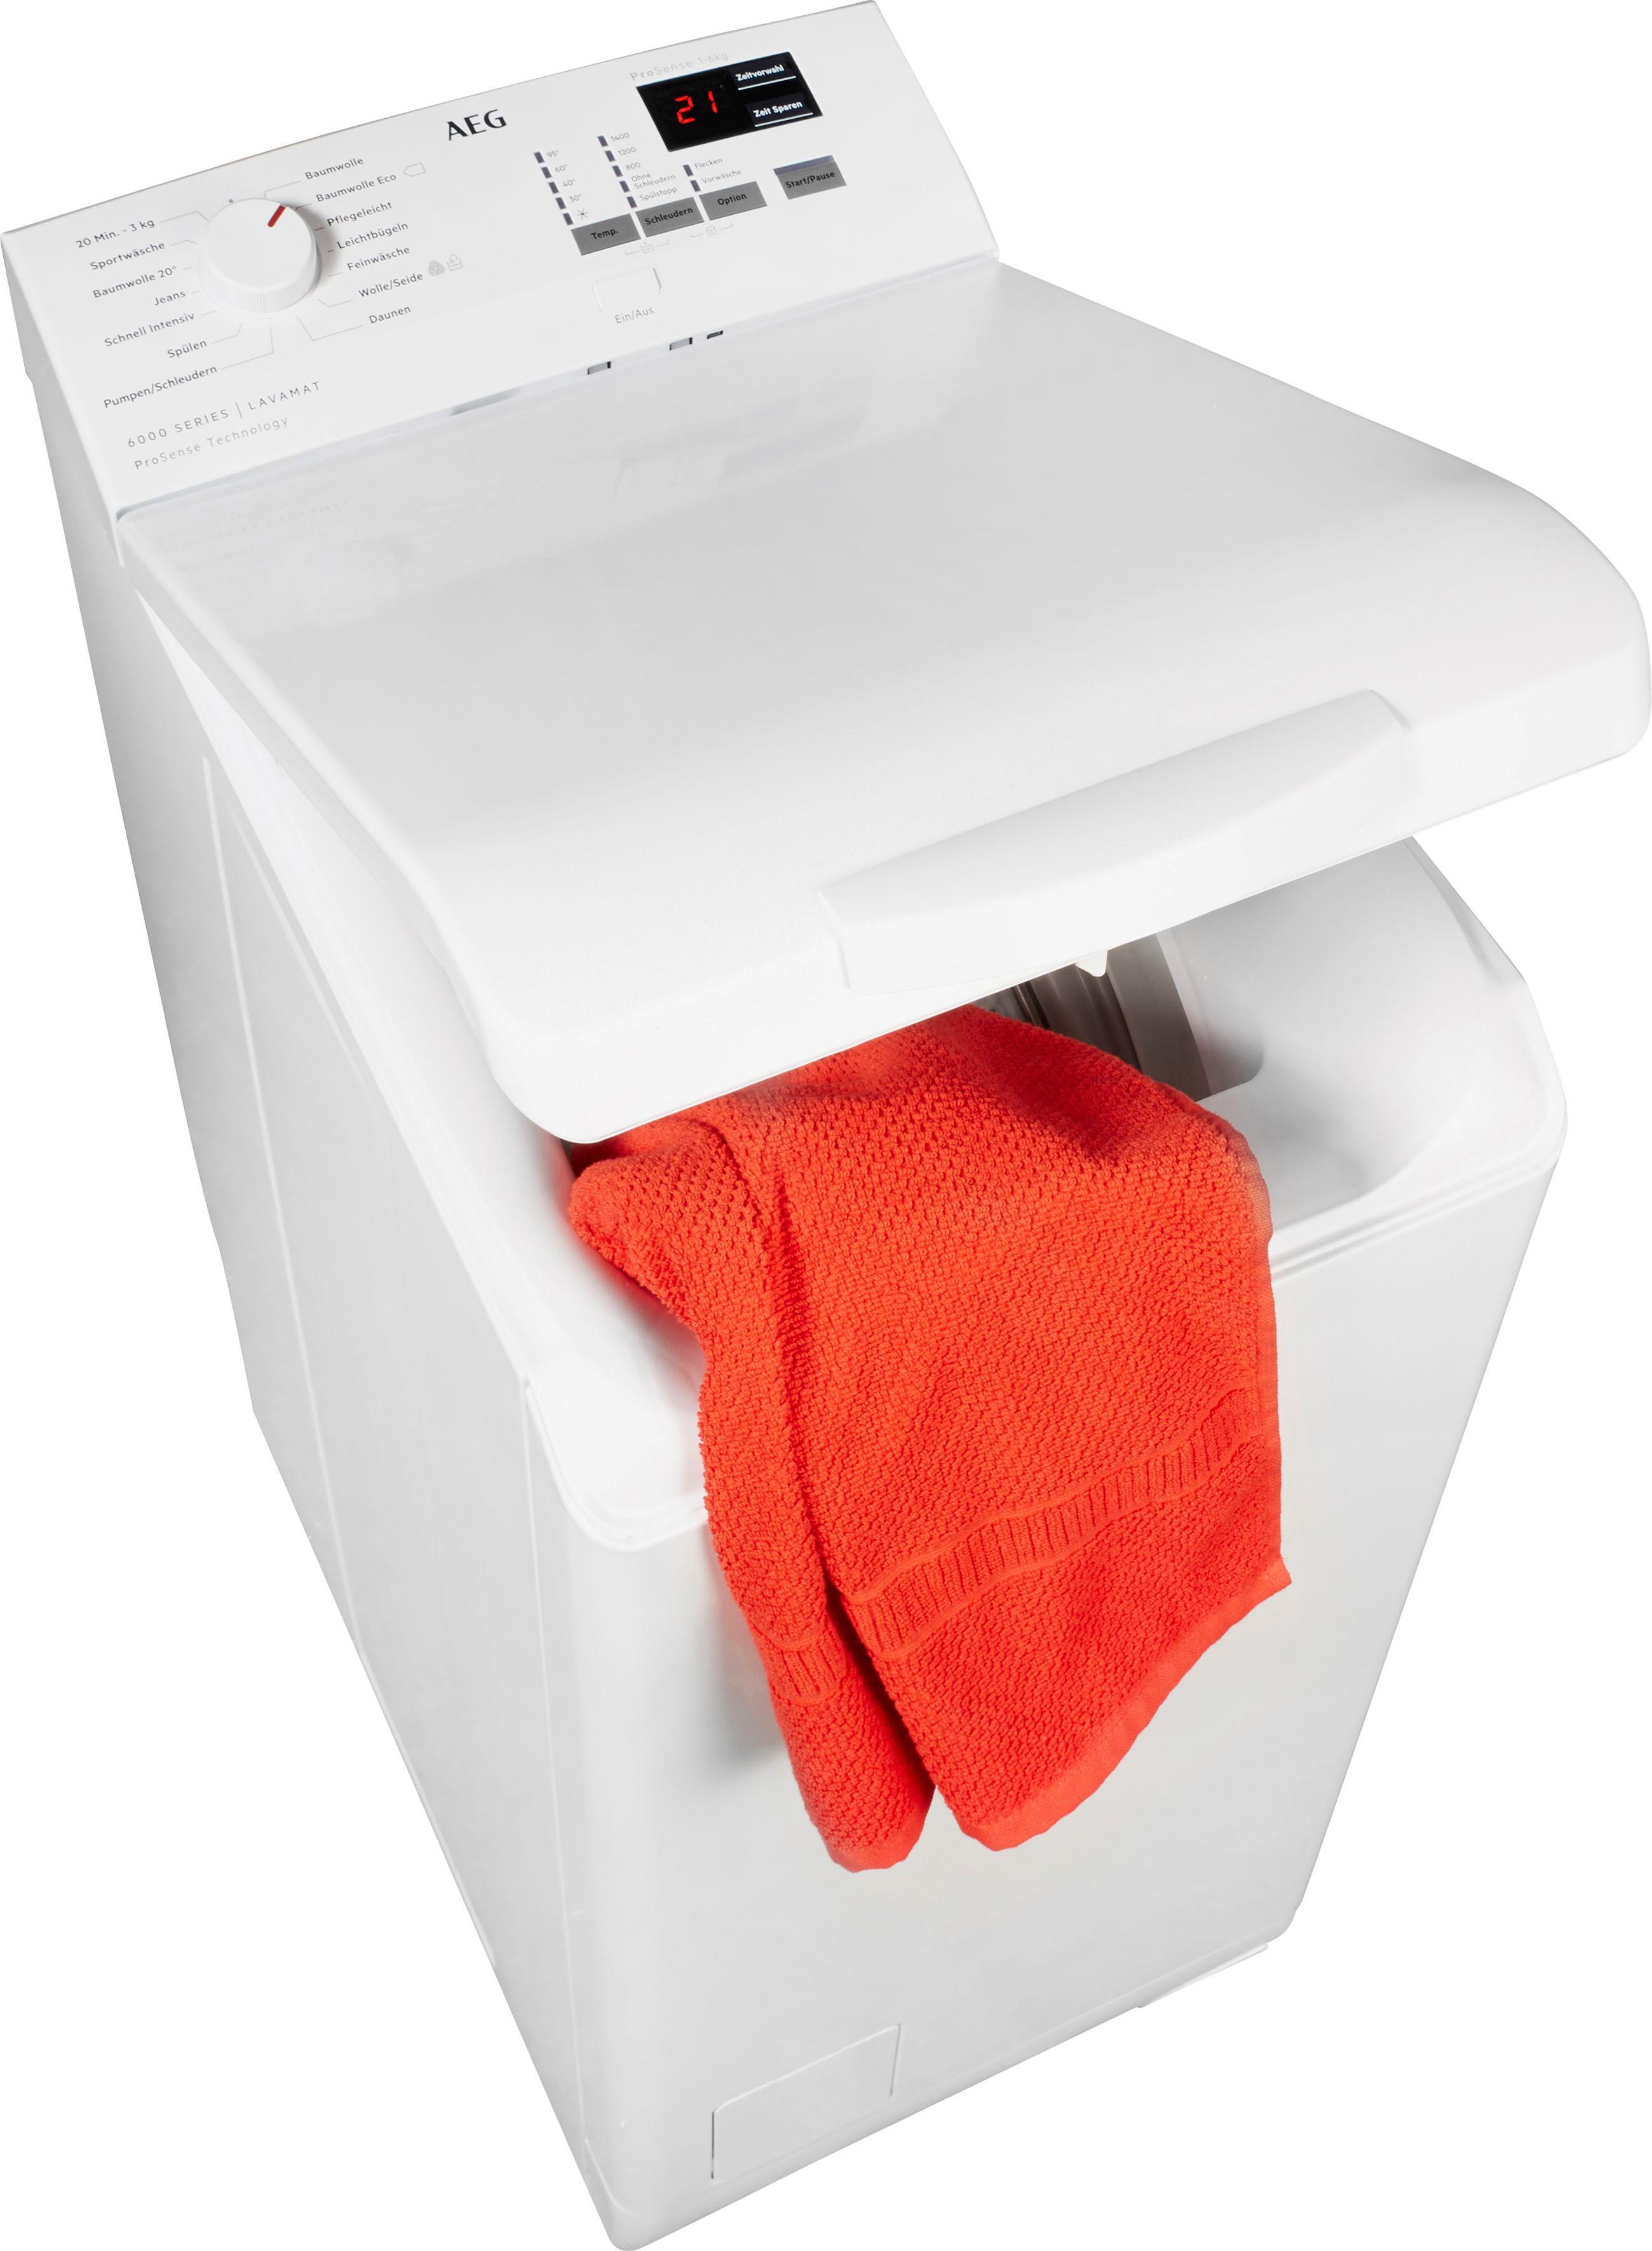 AEG Waschmaschine Toplader L6TB40460 | Bad > Waschmaschinen und Trockner > Toplader | Weiß | Aeg Electrolux